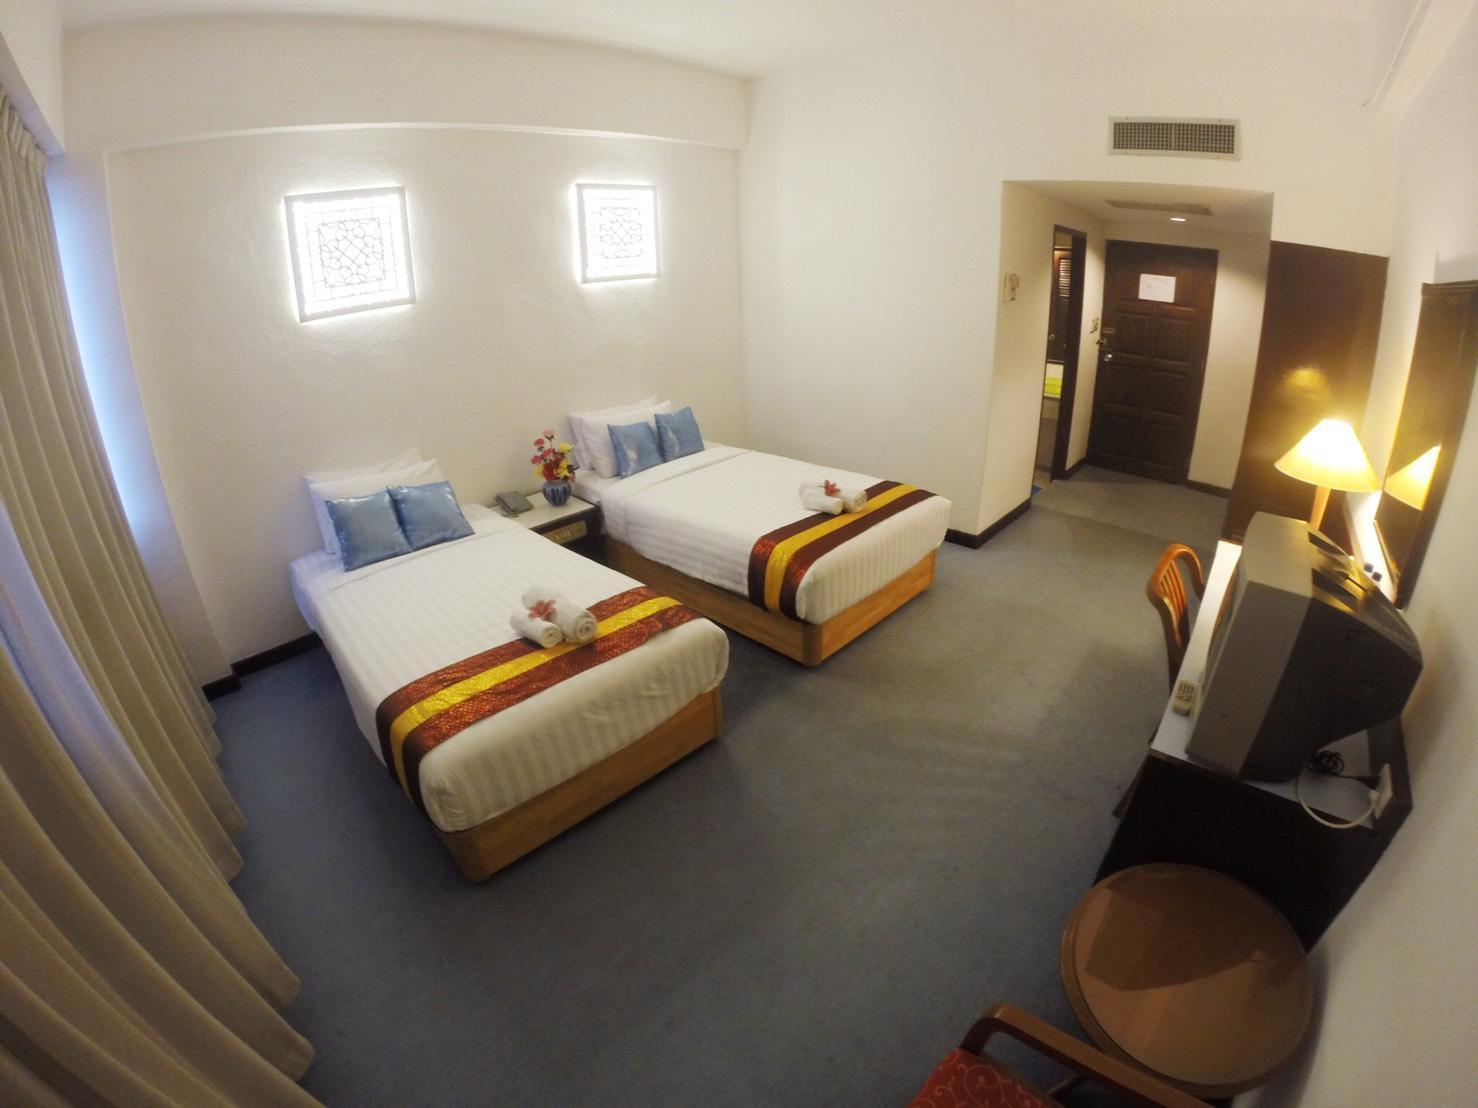 โรงแรมภูเก็ต ทาวน์อินน์